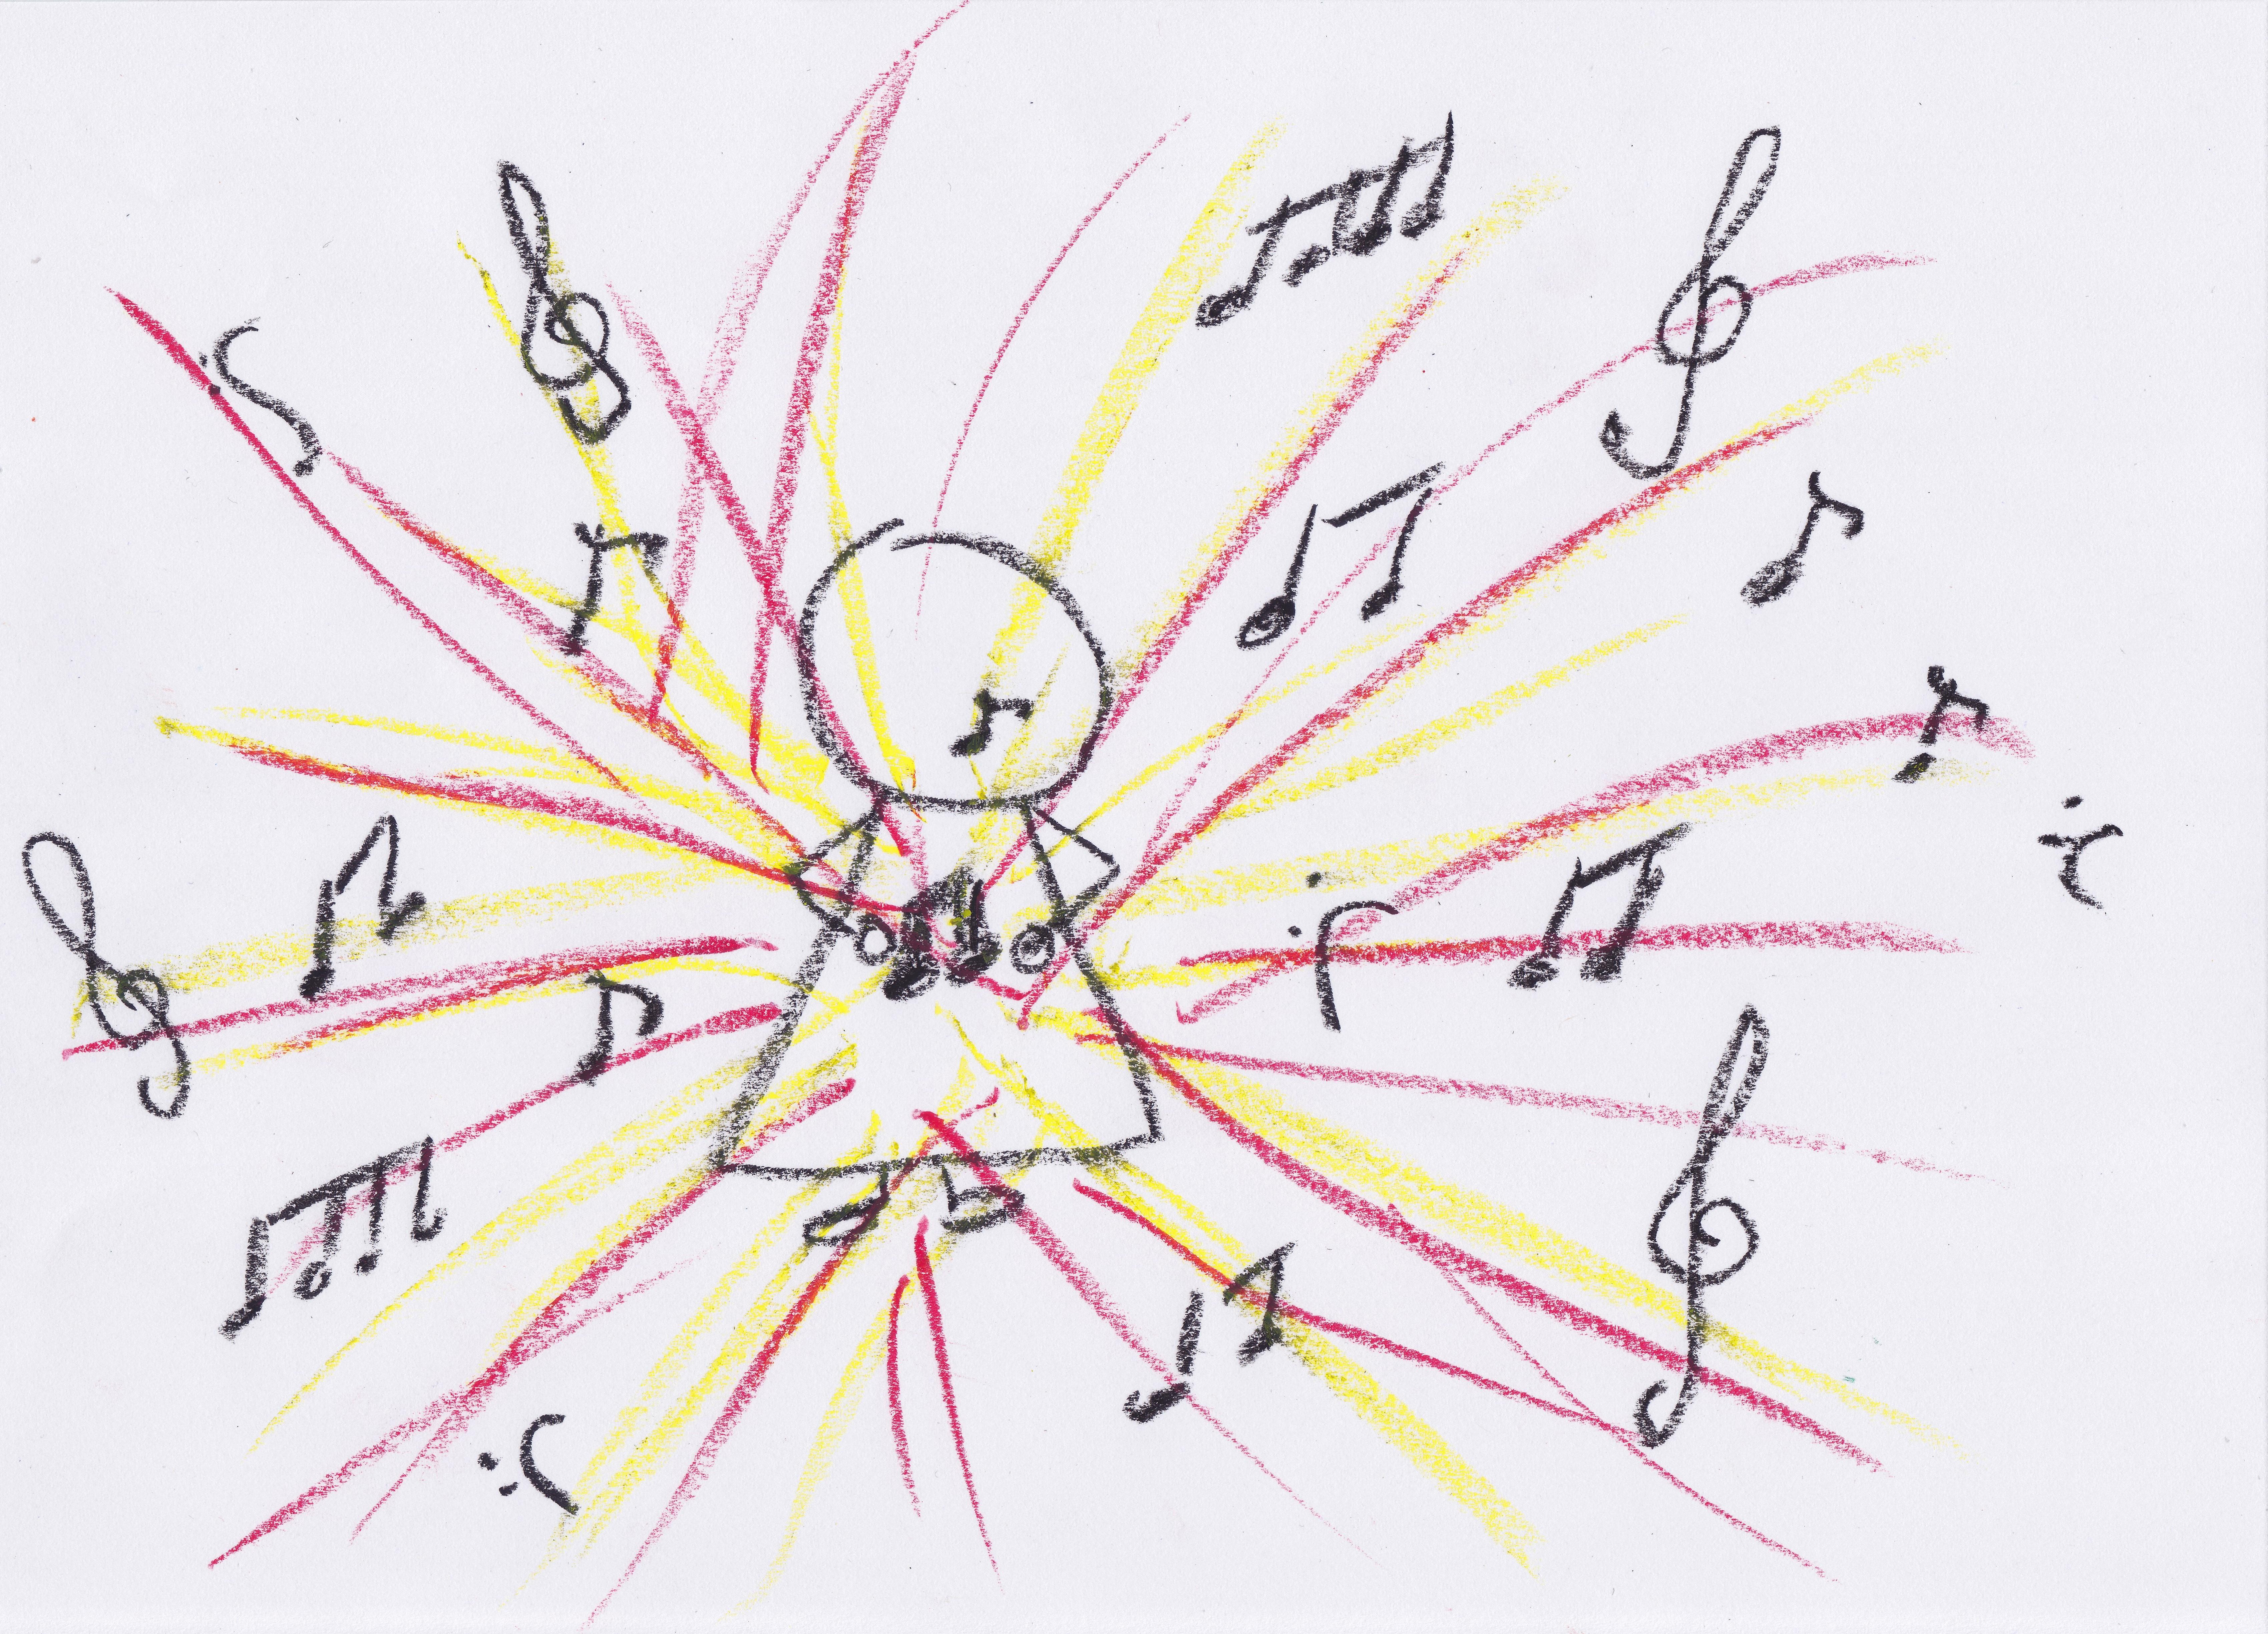 Musik durchströmt mich